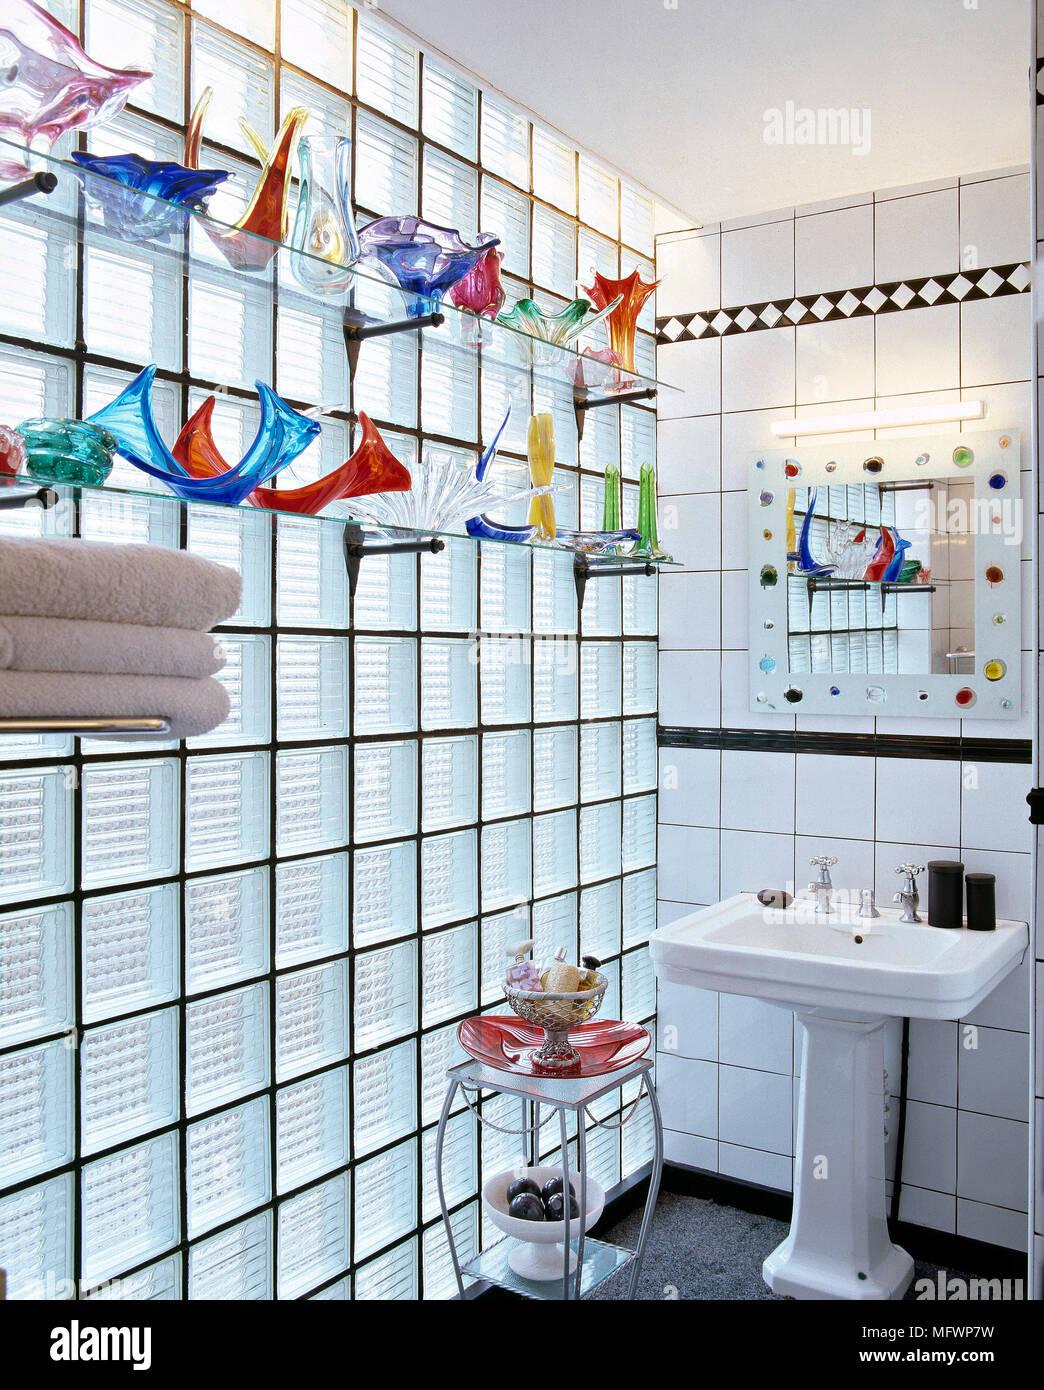 Modernes Badezimmer Mit Standwaschbecken, Dekorative Spiegel Und Einem Glas  Block Wand Anzeigen Bunte Glas Auf Glas Regale.